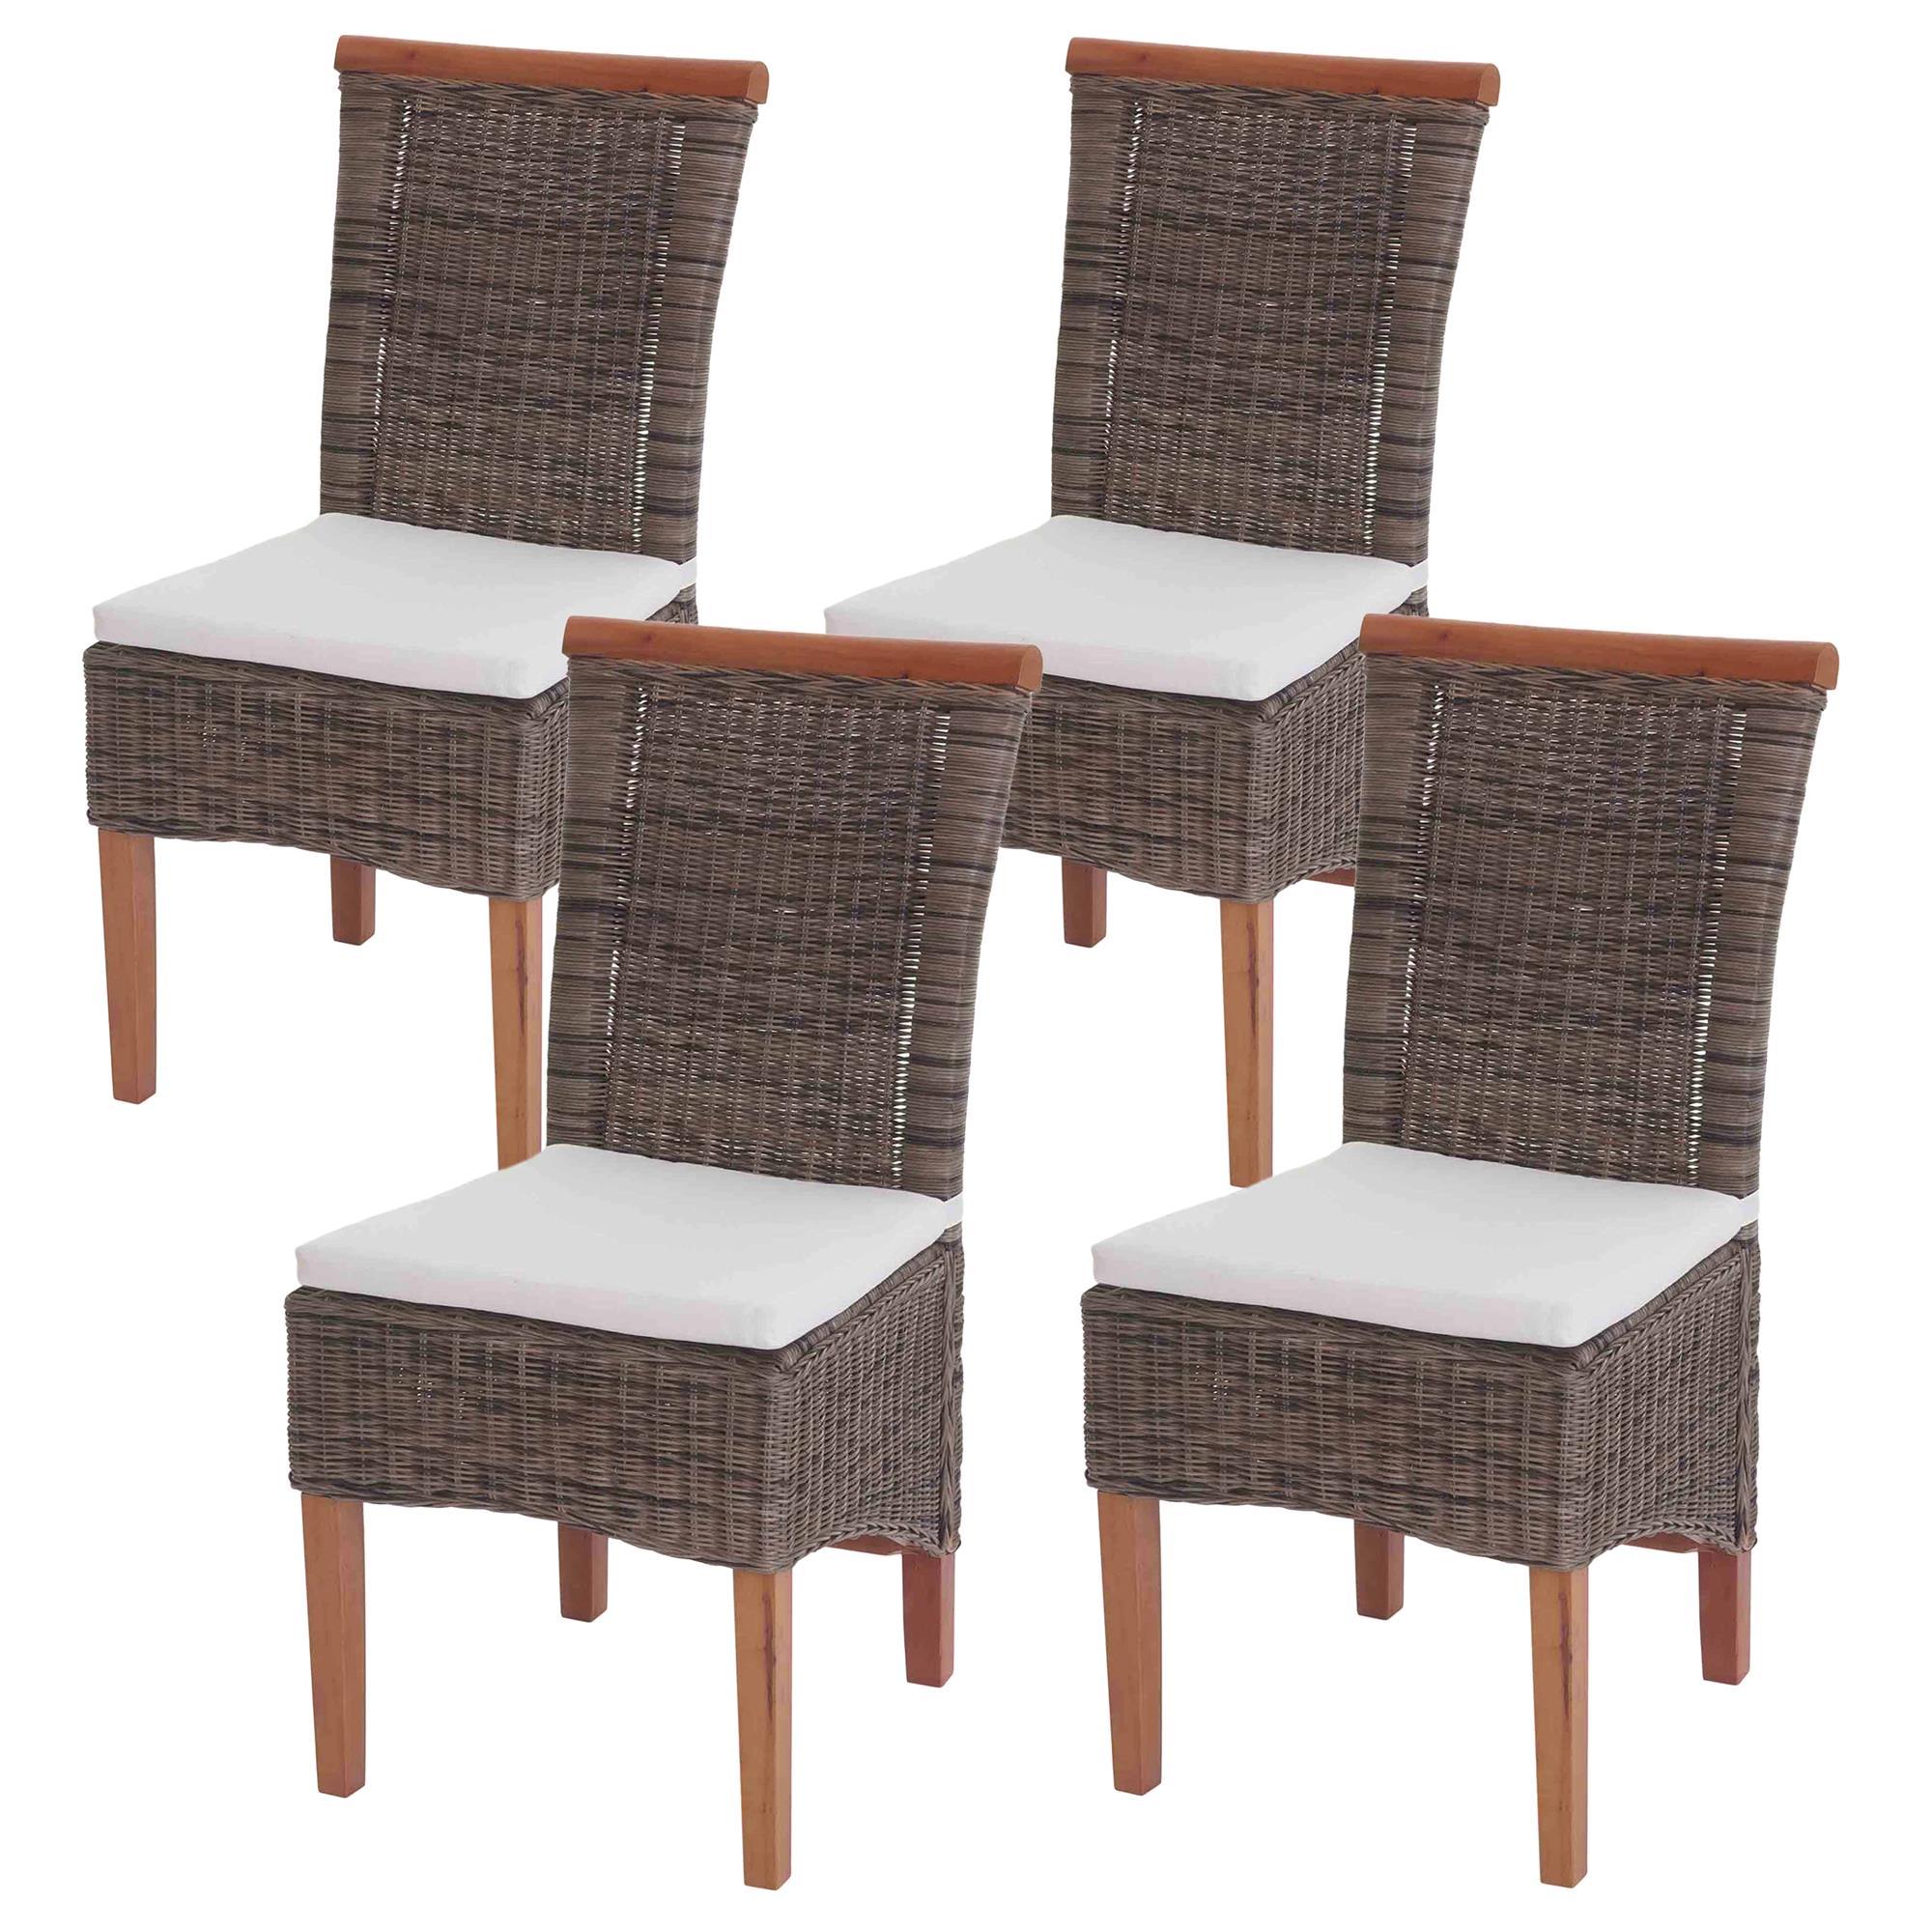 Lote 4 sillas comedor o jardin sedri en mimbre marr n - Cojines para sillas de jardin ...